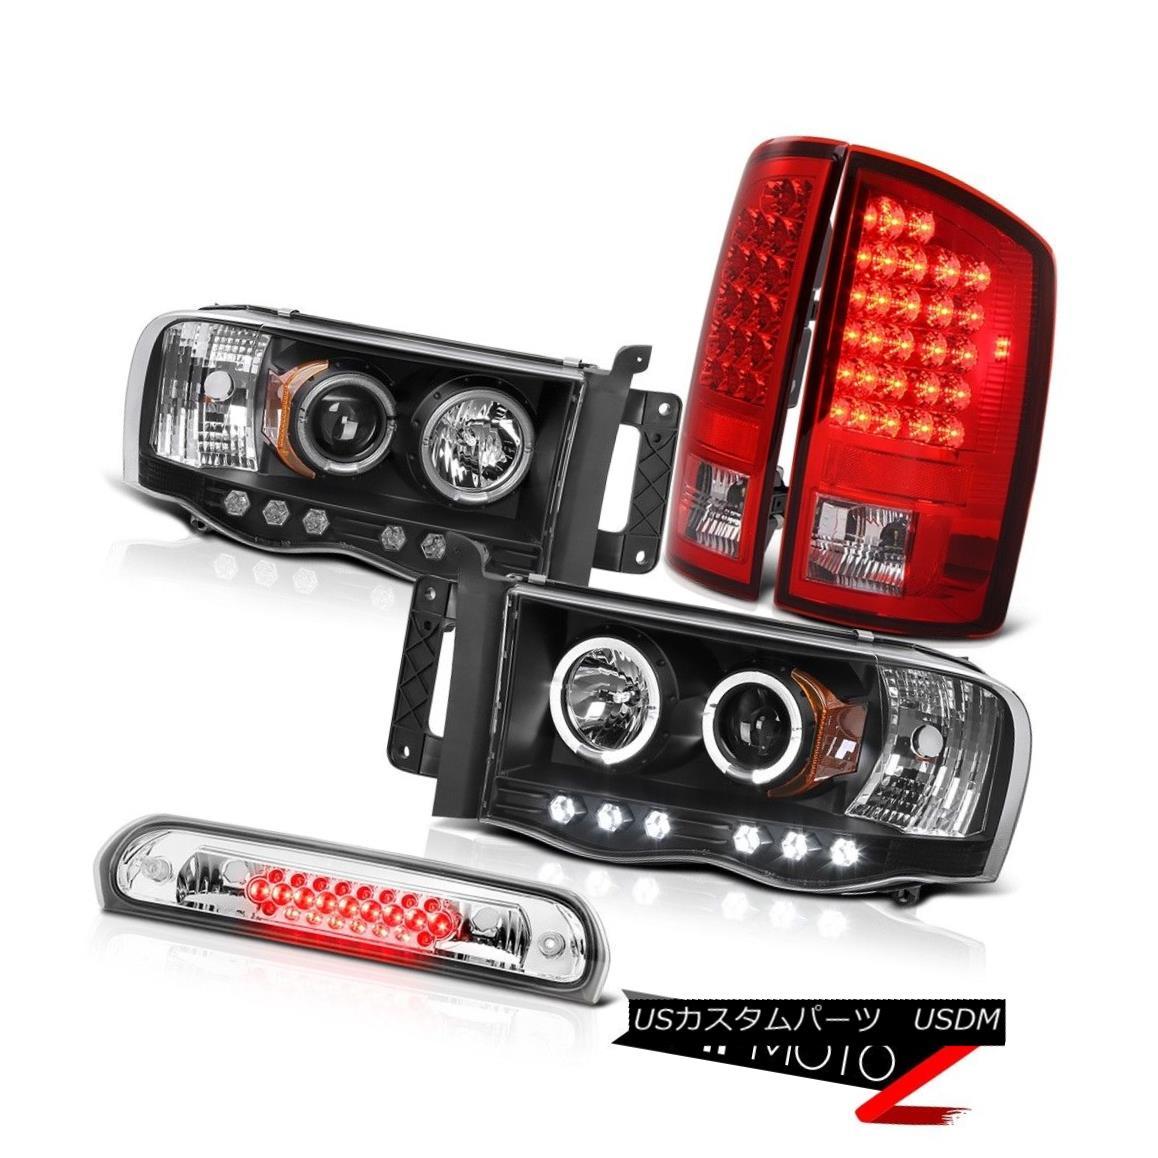 ヘッドライト Angel Eye Headlights LED Signal Taillamps Third Brake Cargo 2002-2005 Ram 3500 エンジェルアイヘッドライトLED信号タイルランプ第3ブレーキ貨物2002-2005 Ram 3500